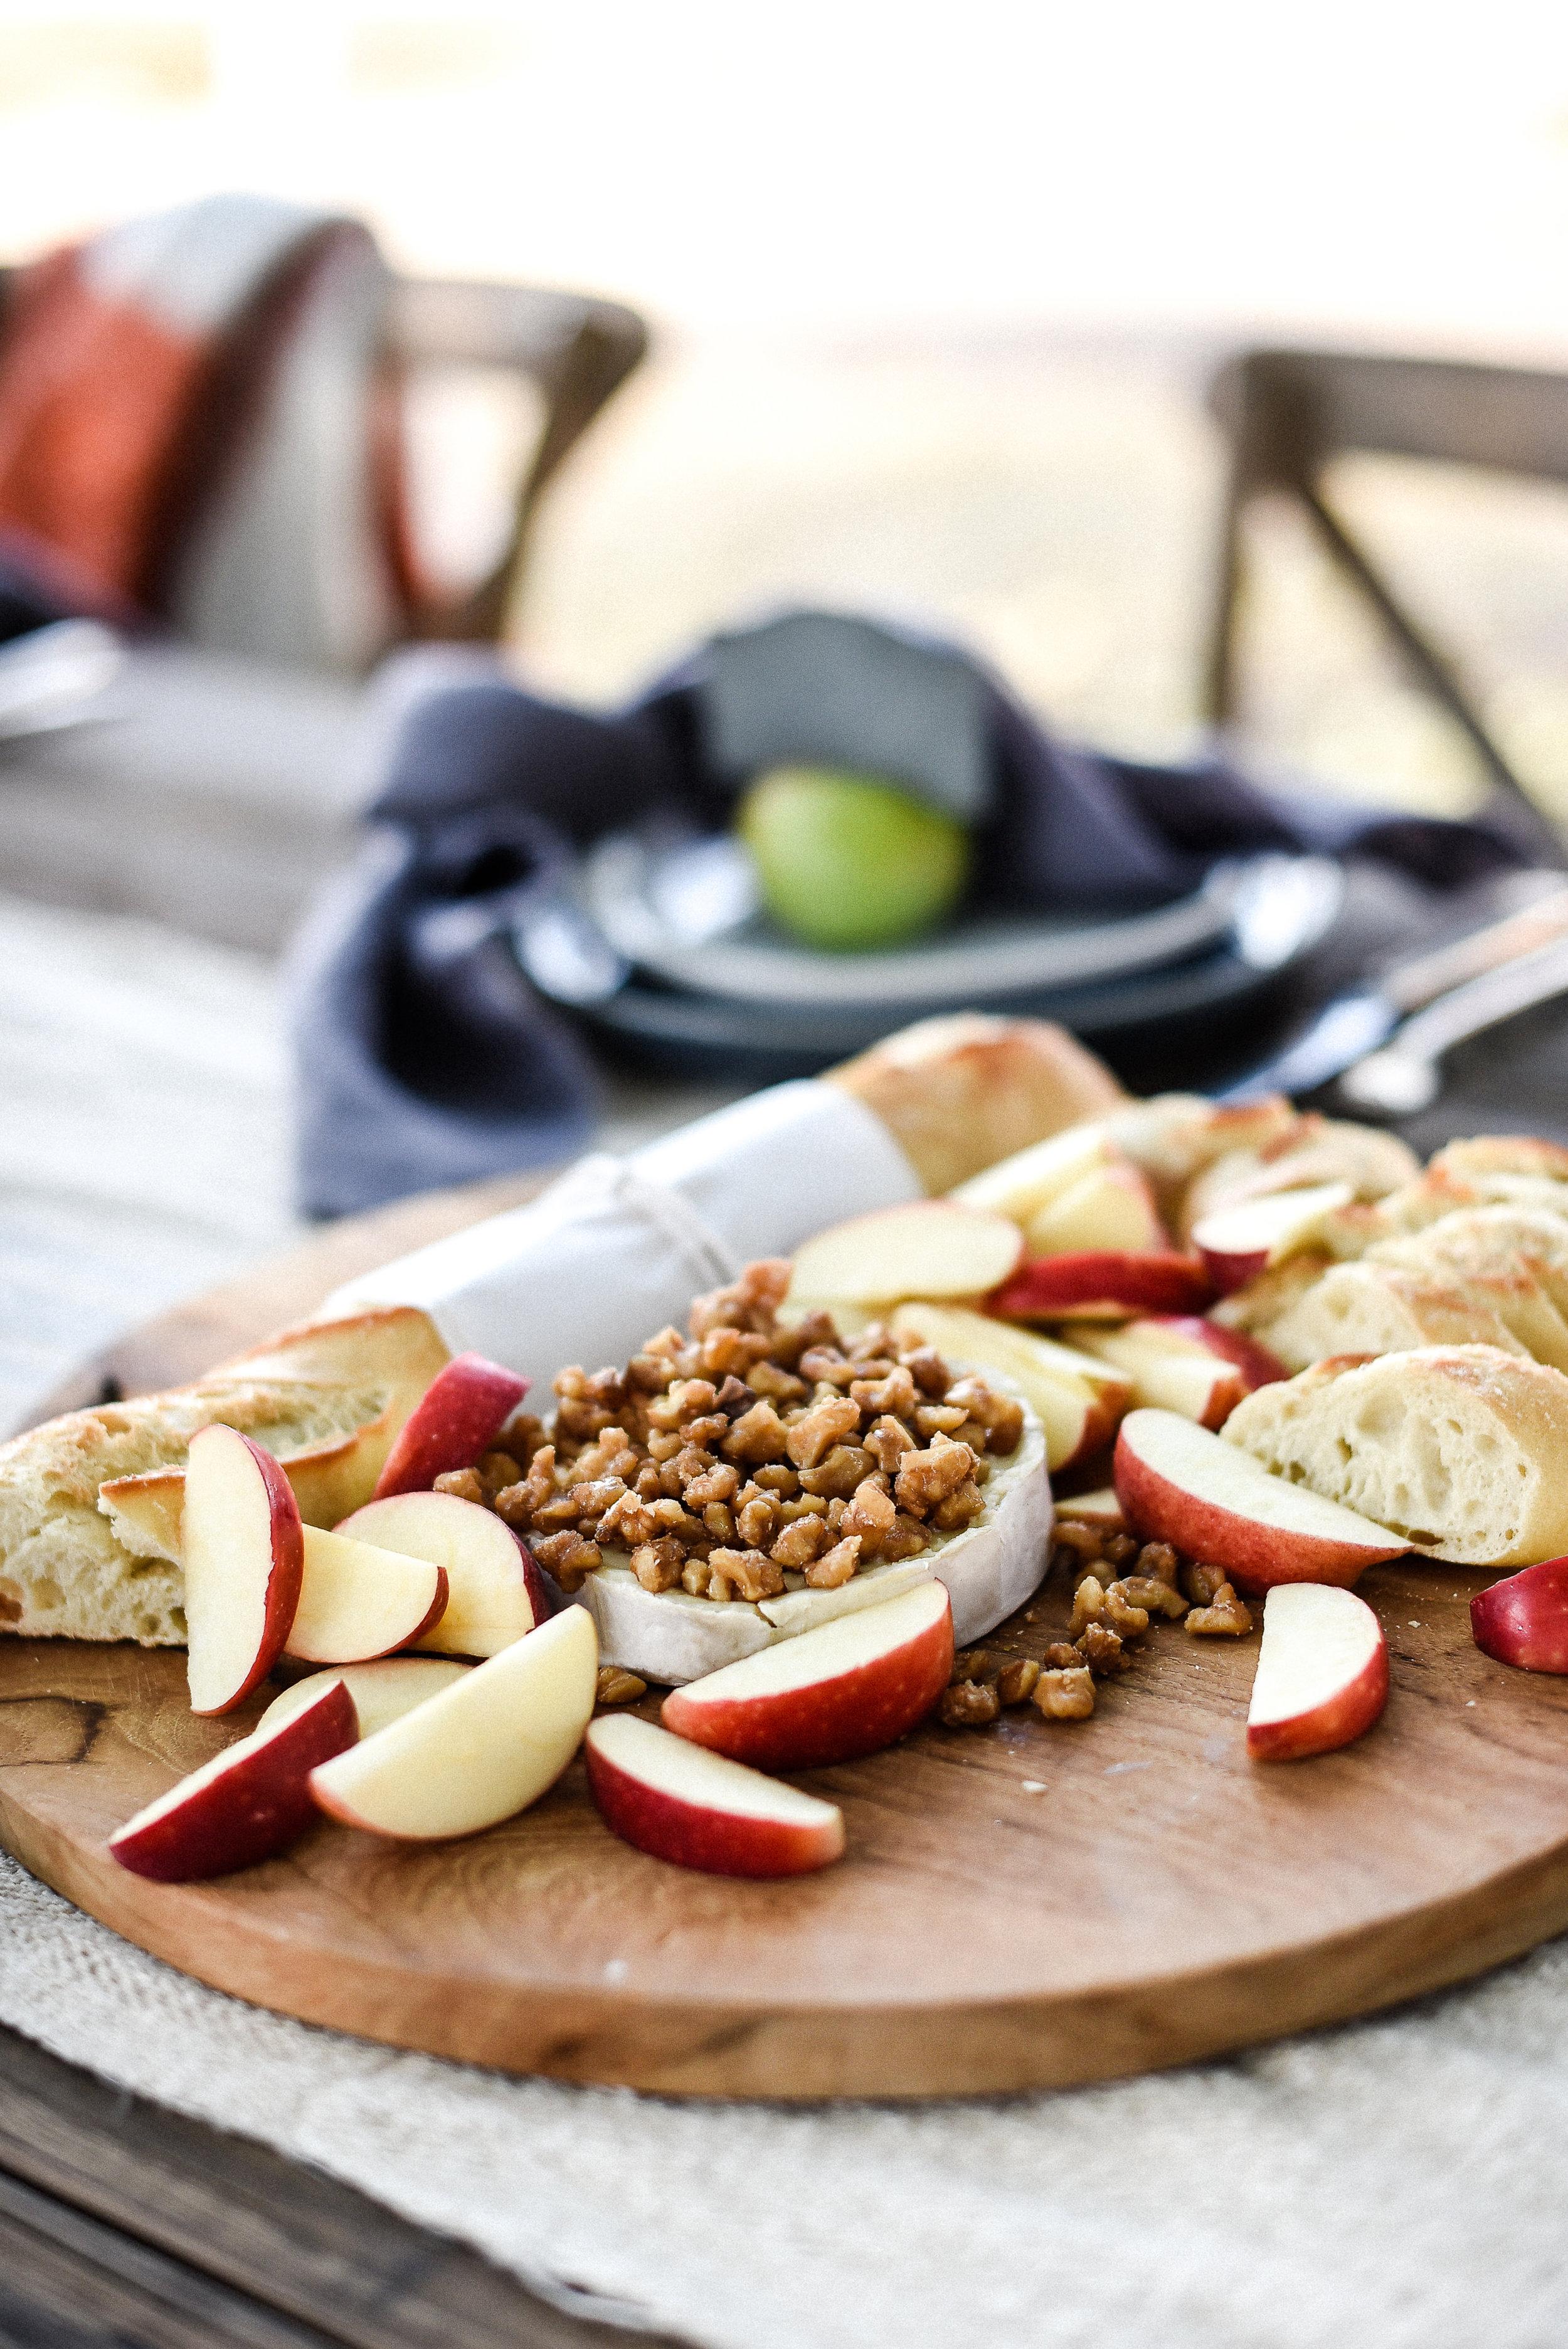 Easy Fall Appetizer Recipes for entertaining | boxwoodavenue.com